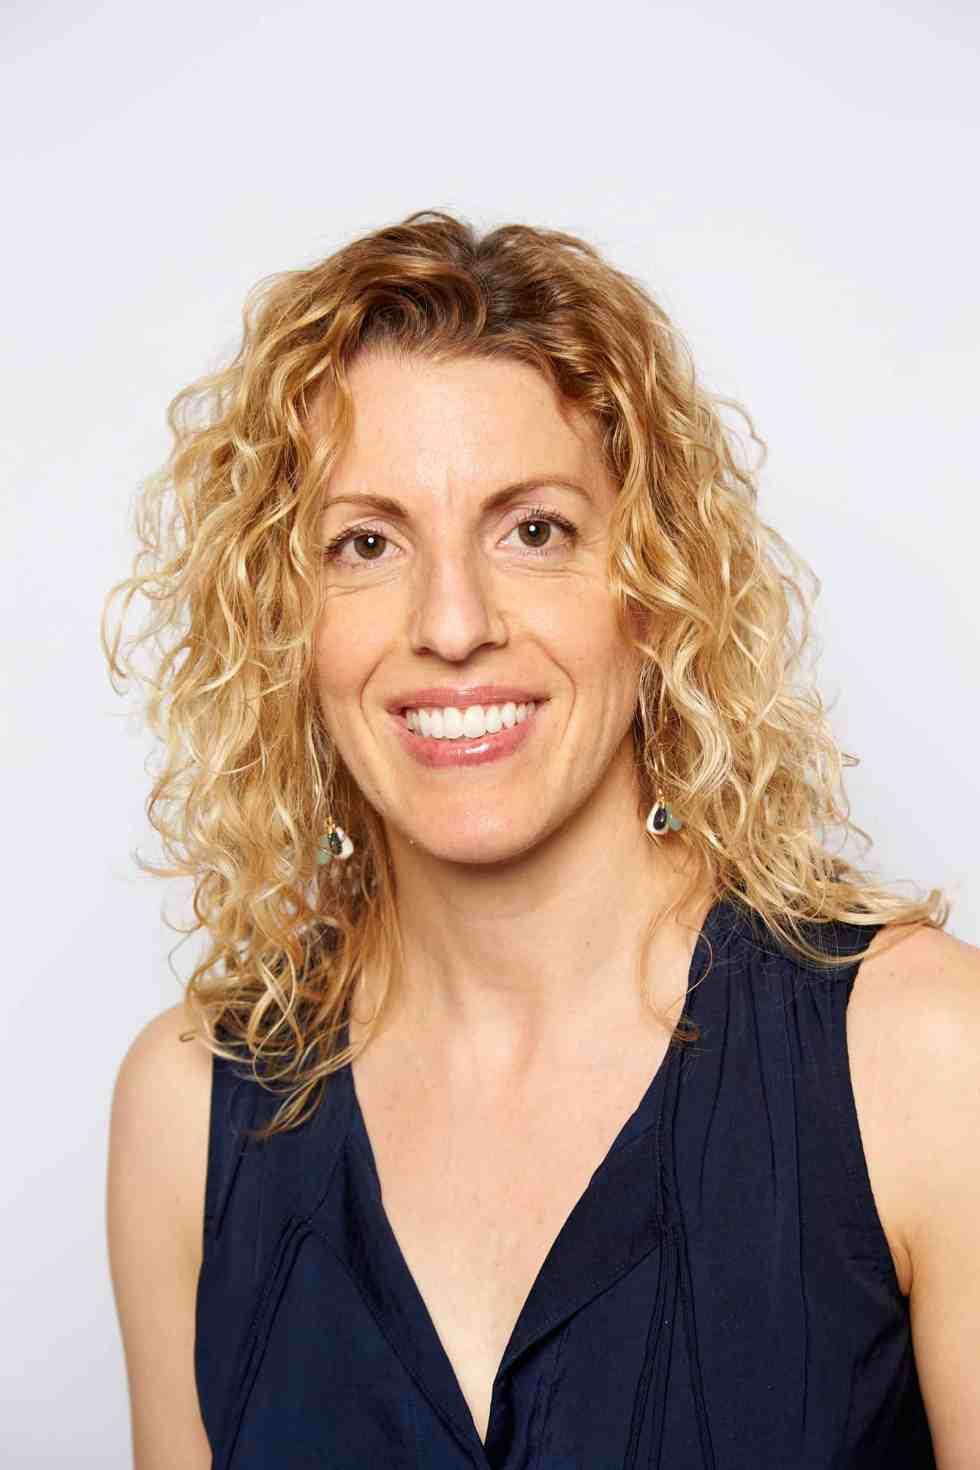 Sarah Ball